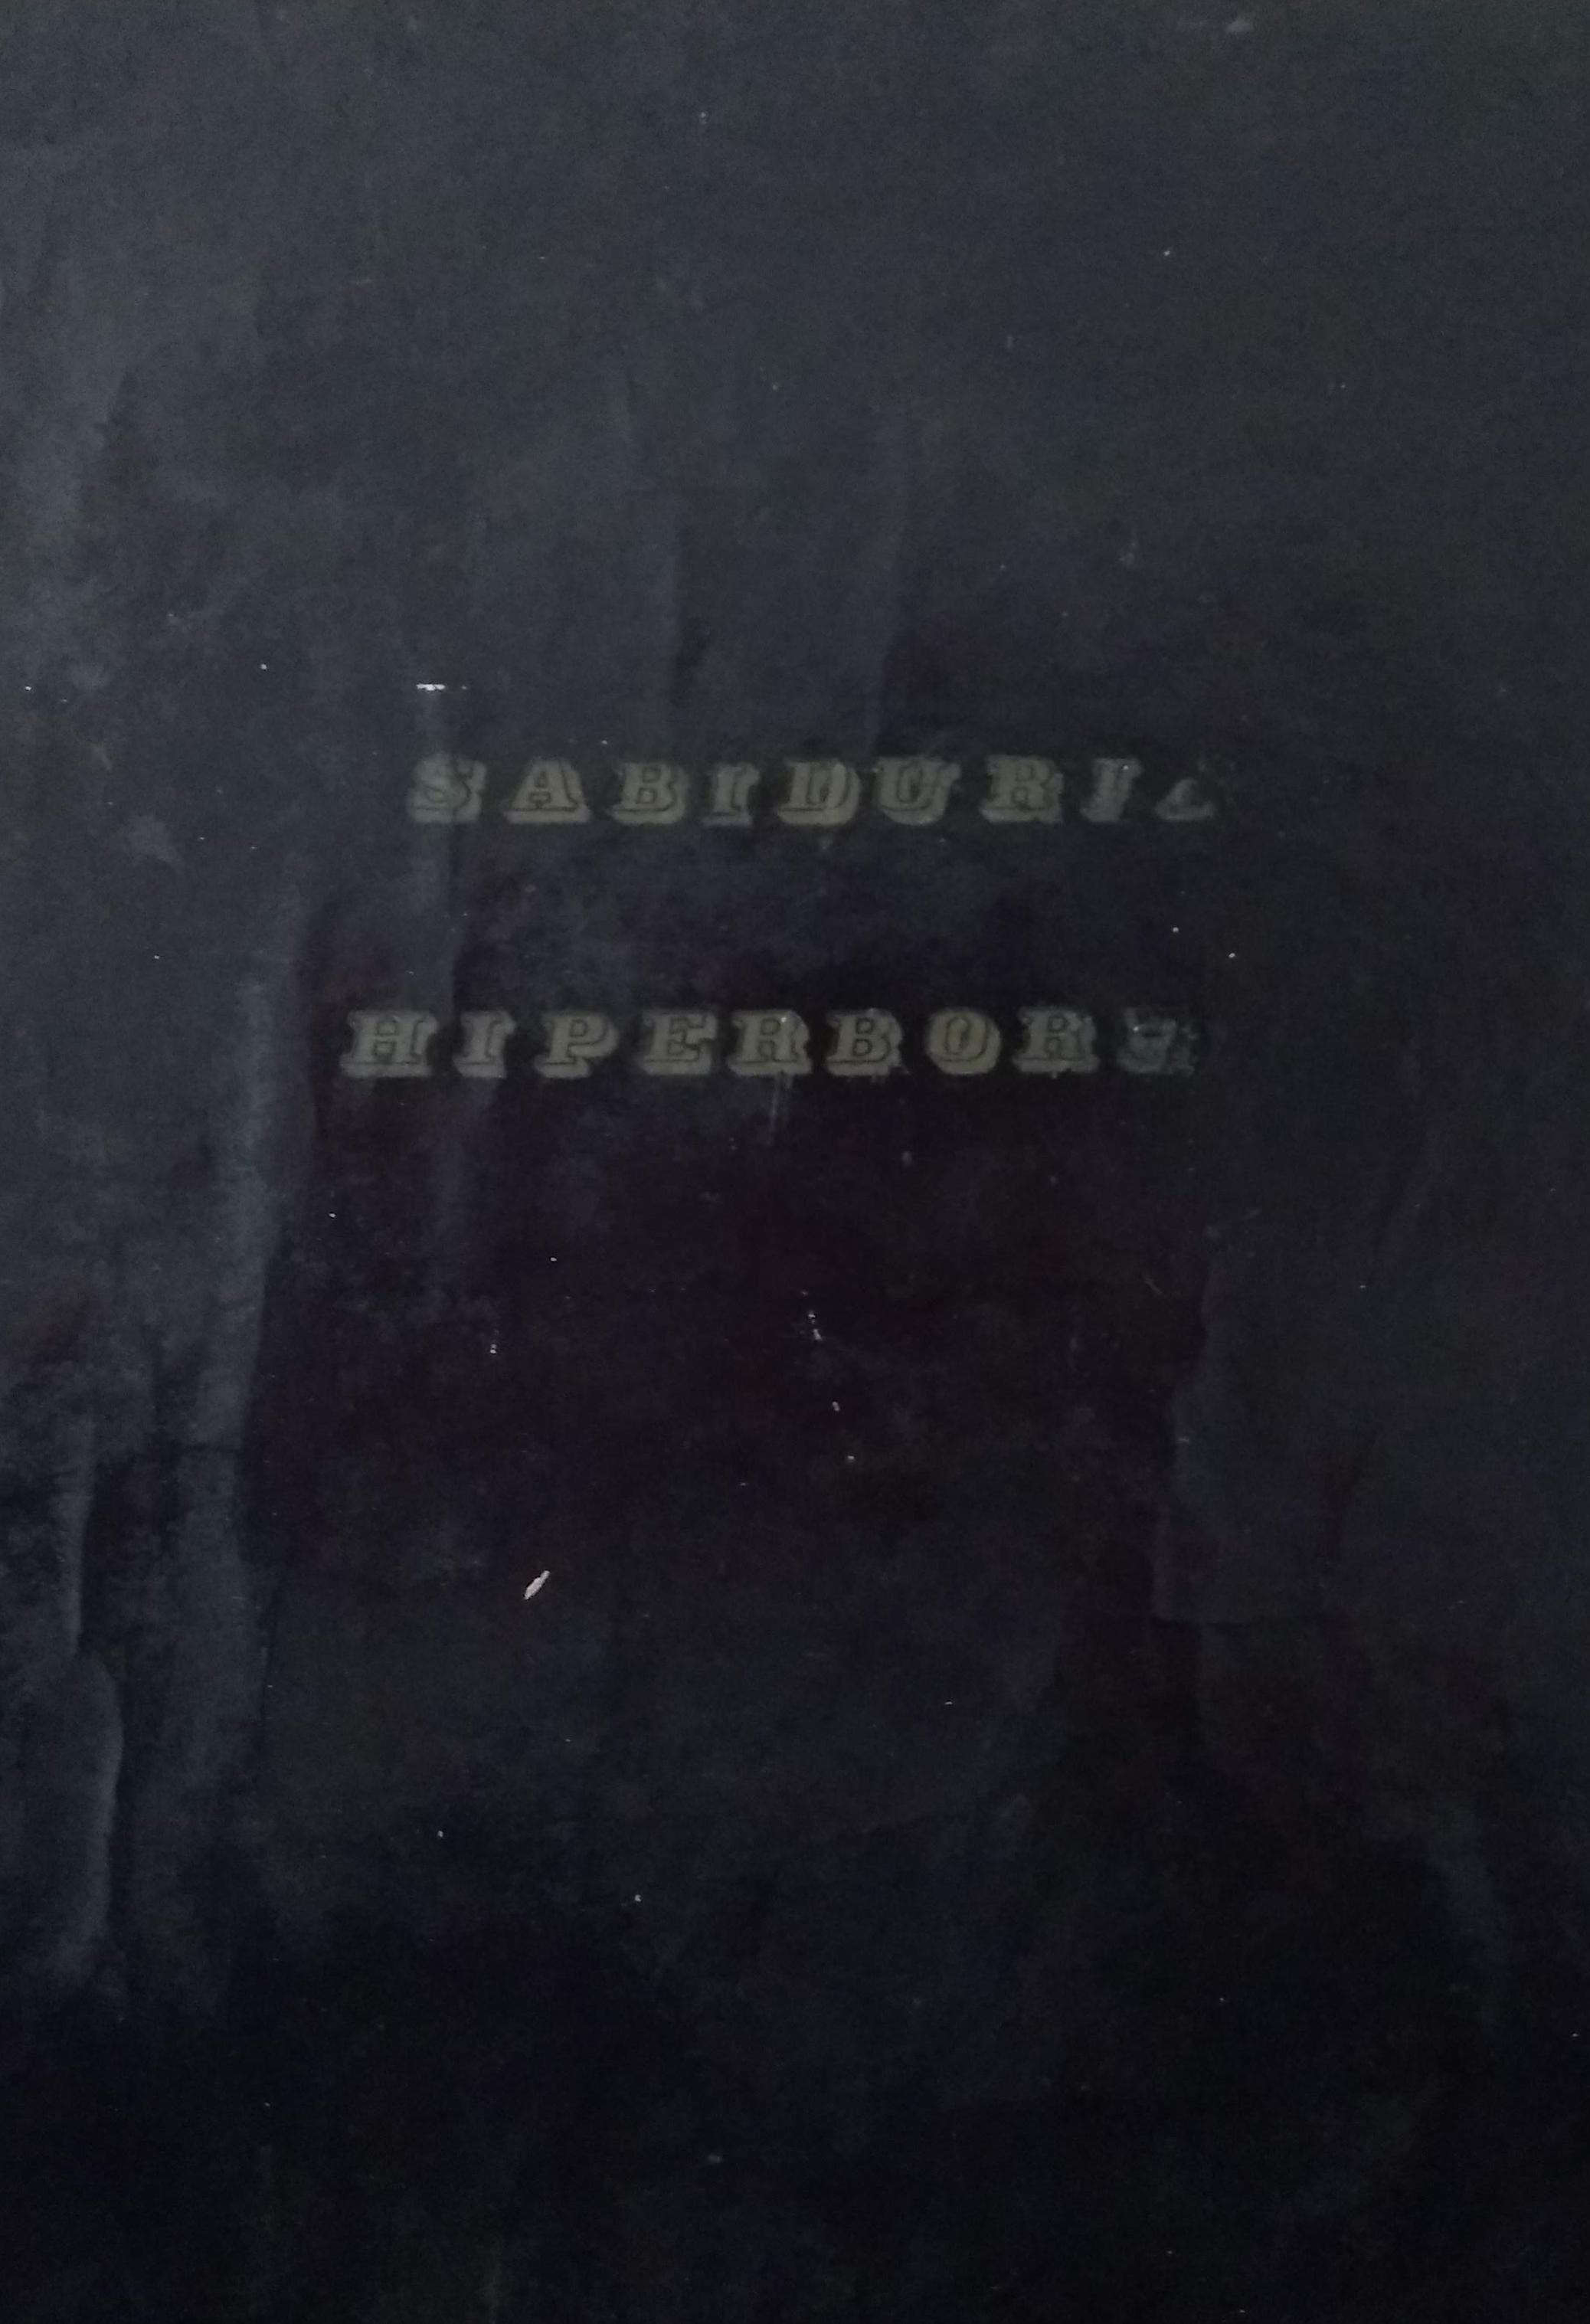 Sabiduria Hiperborea